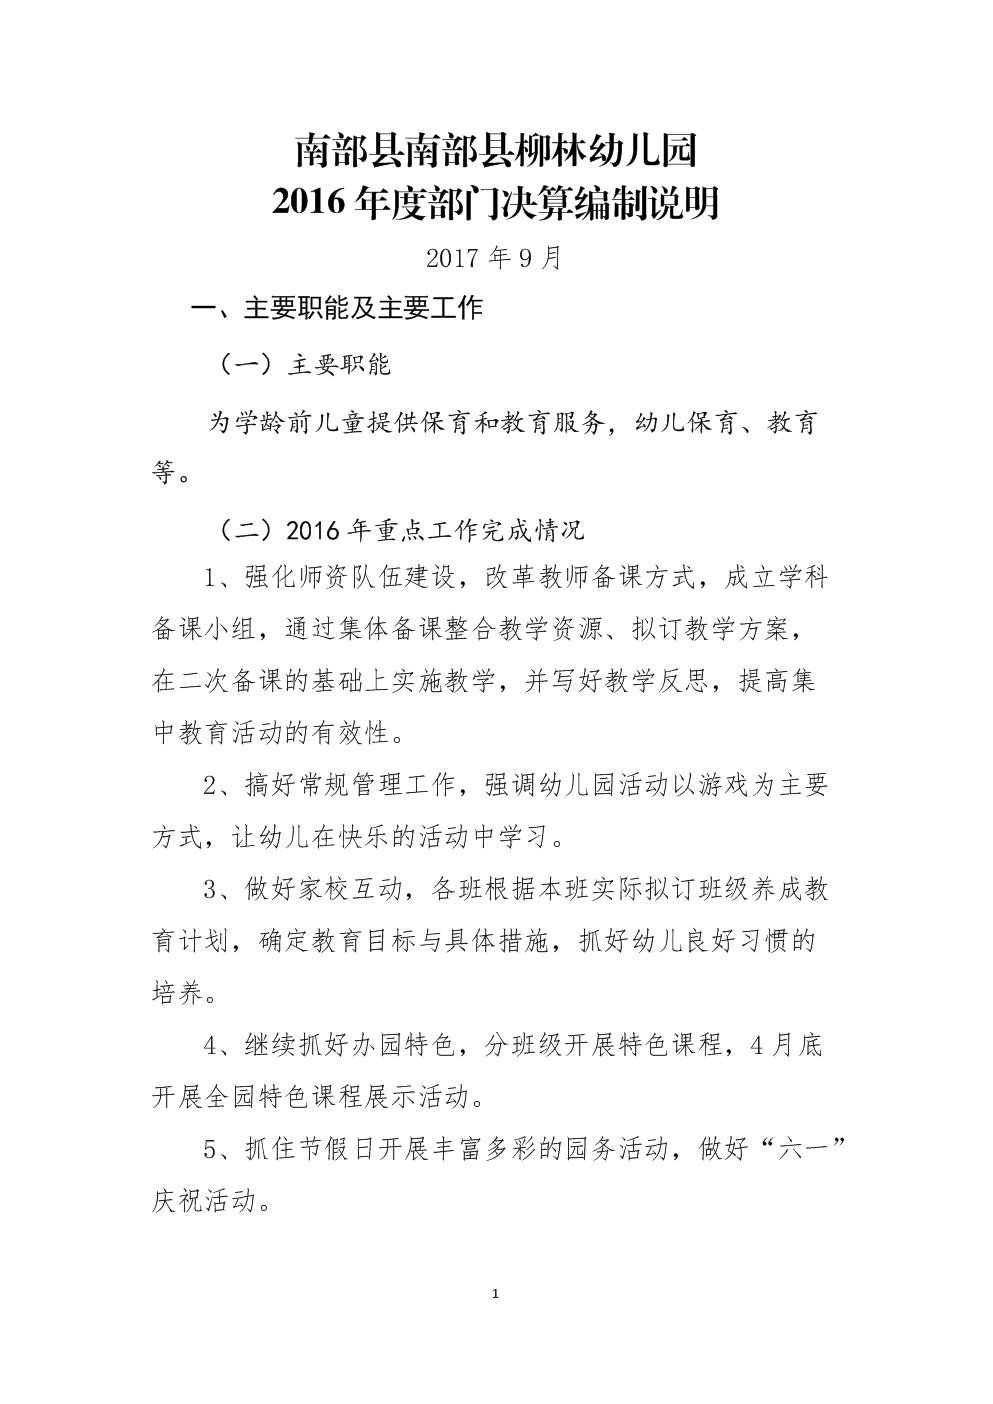 南部县南部县柳林幼儿园2016年度部门决算编制说明.doc